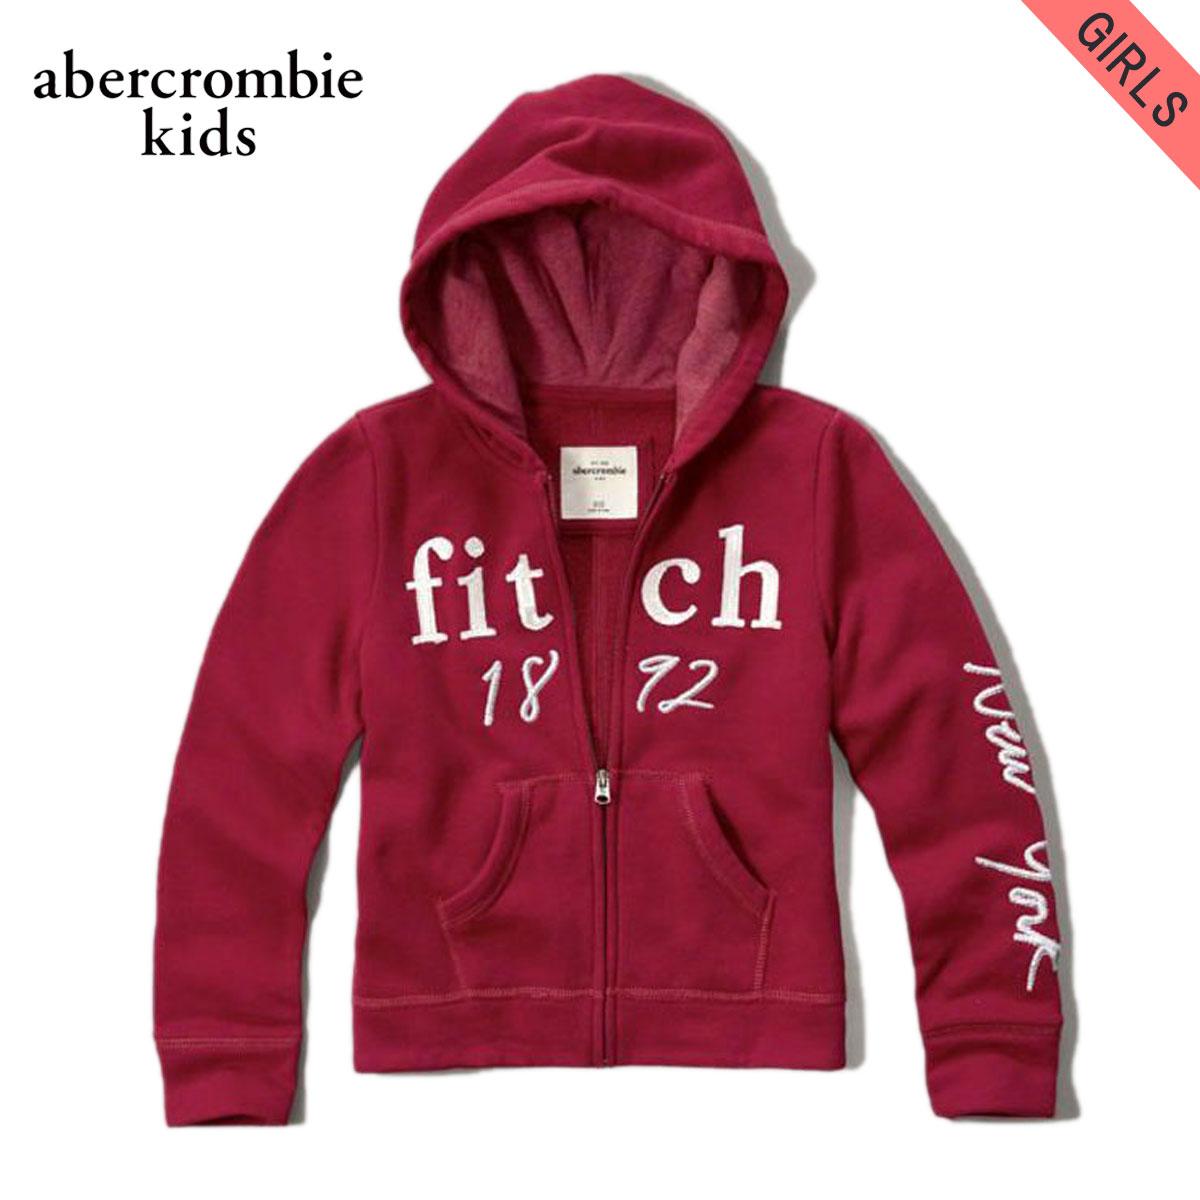 アバクロキッズ パーカー ガールズ 子供服 正規品 AbercrombieKids shine logo full-zip sweatshirt 252-771-0322-055